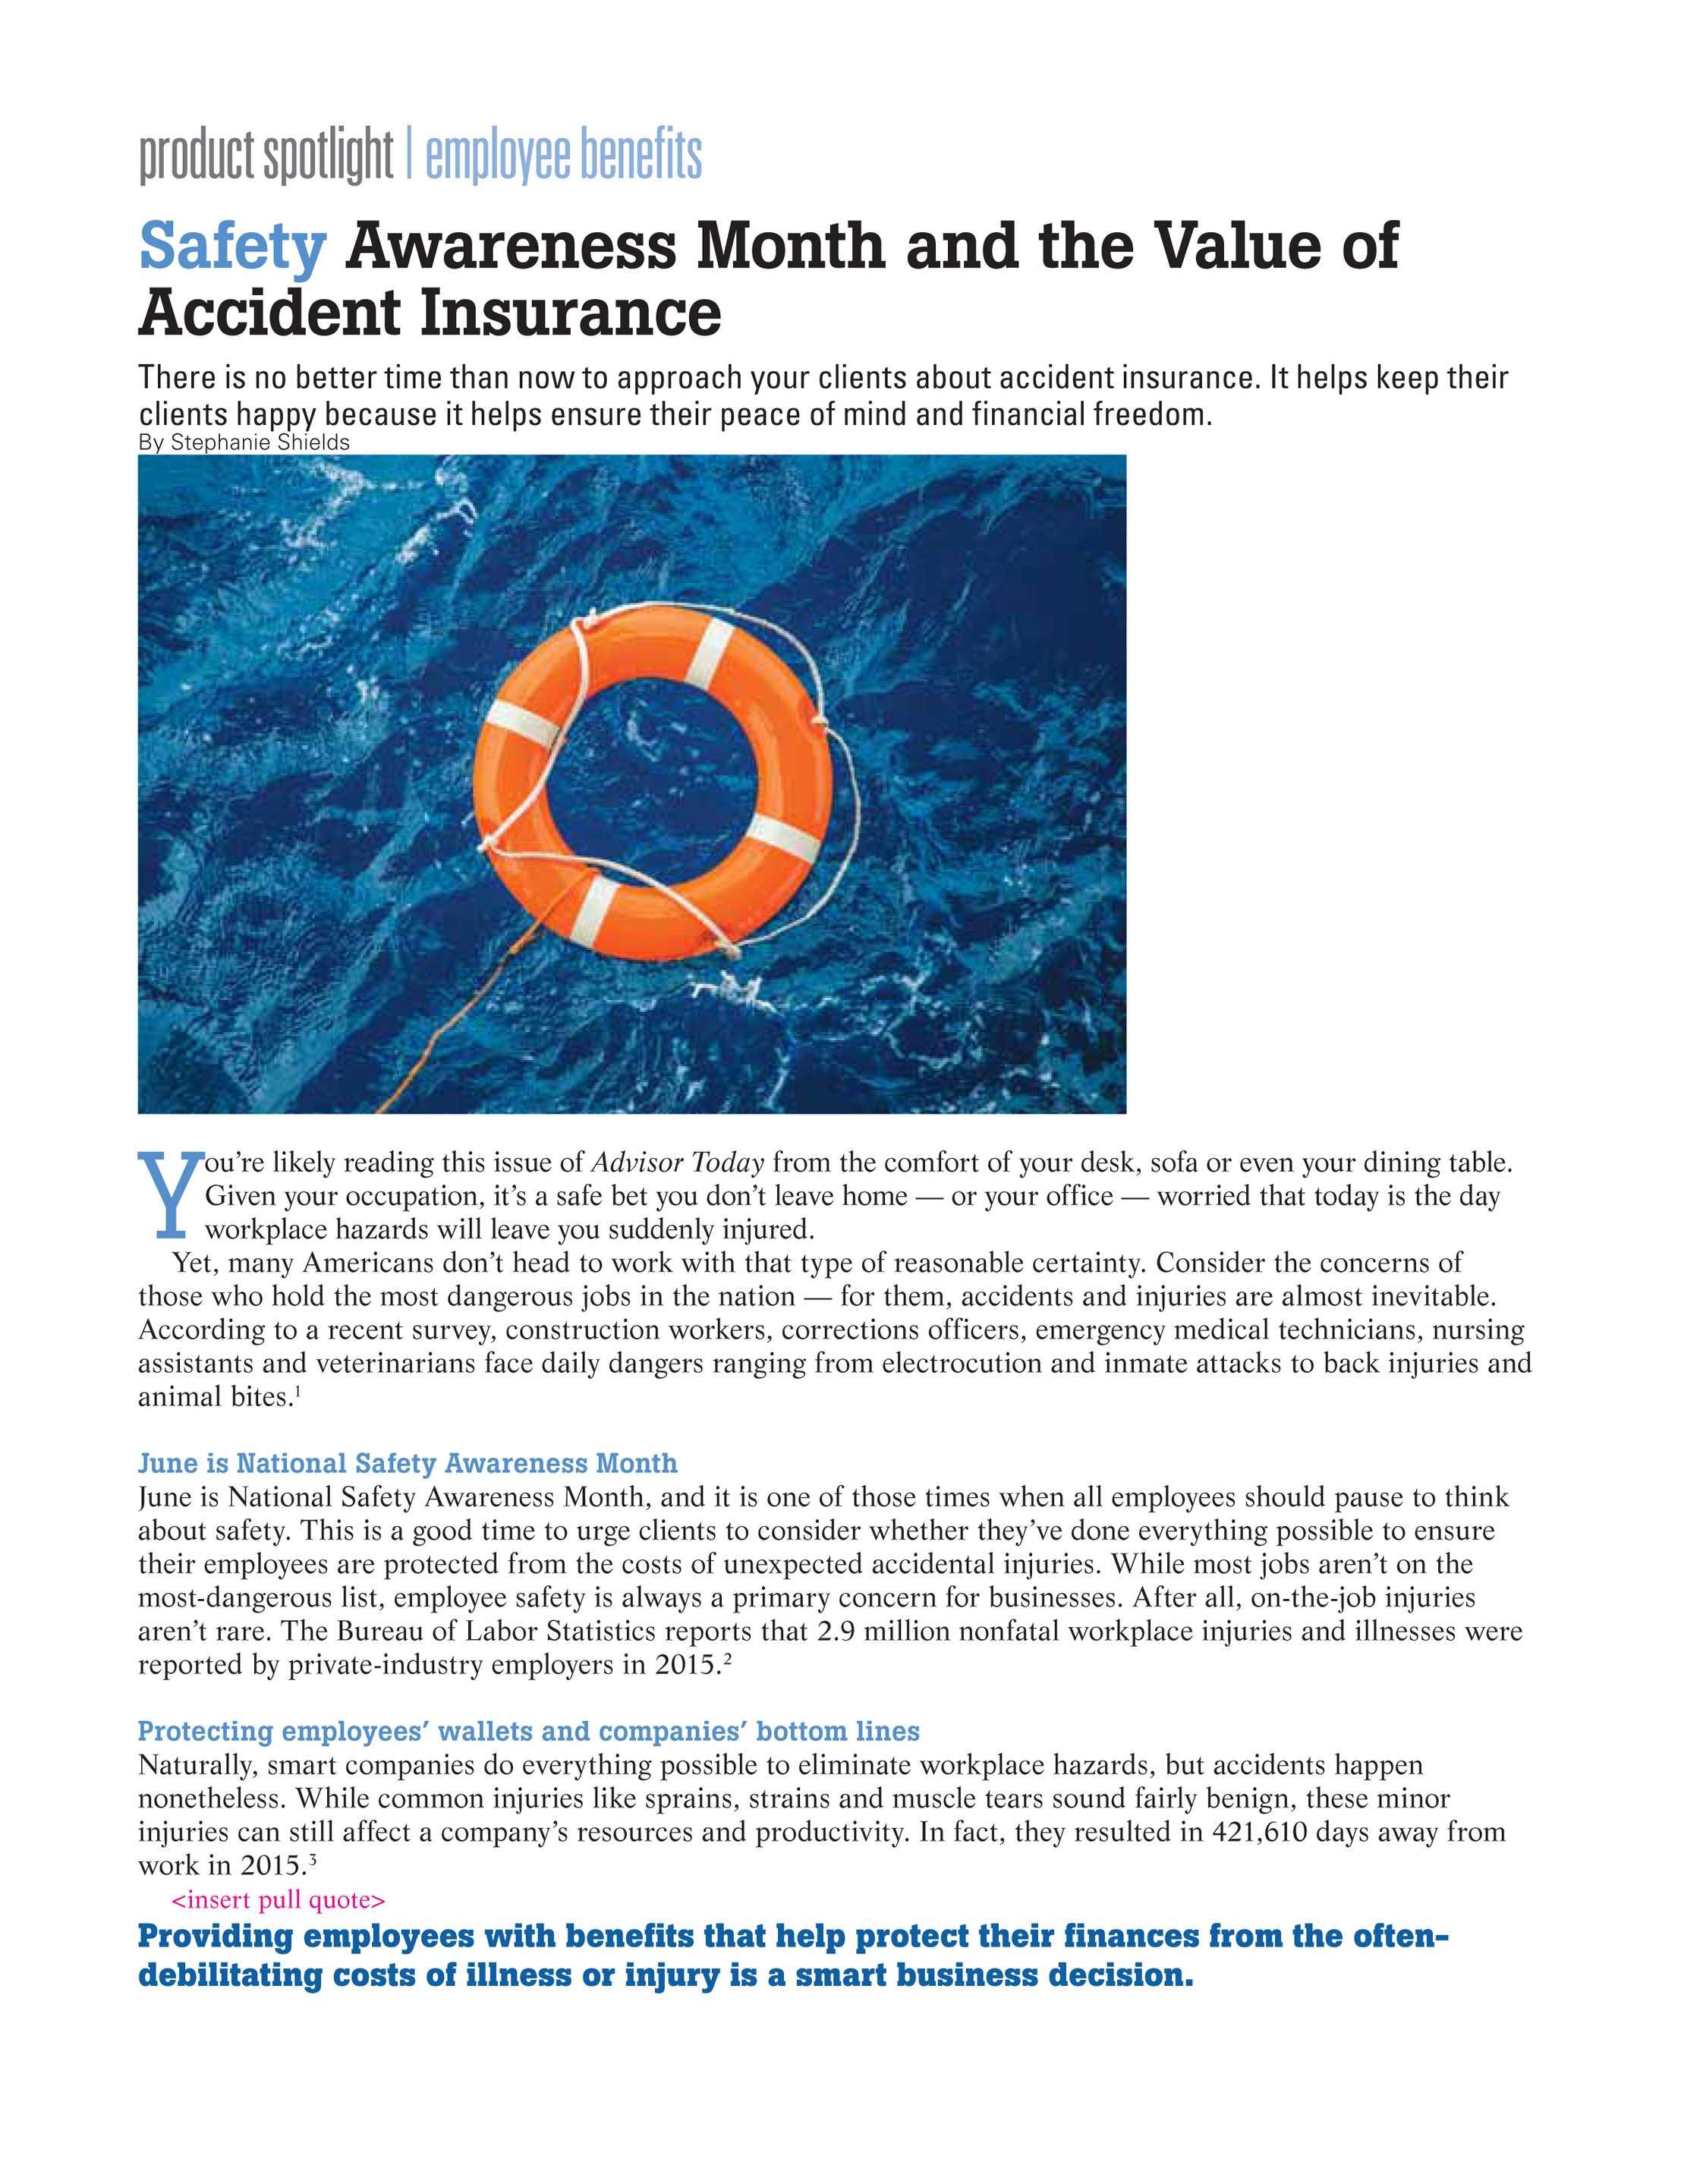 NAIFA Advisor Today - May/June 2017 - page 22